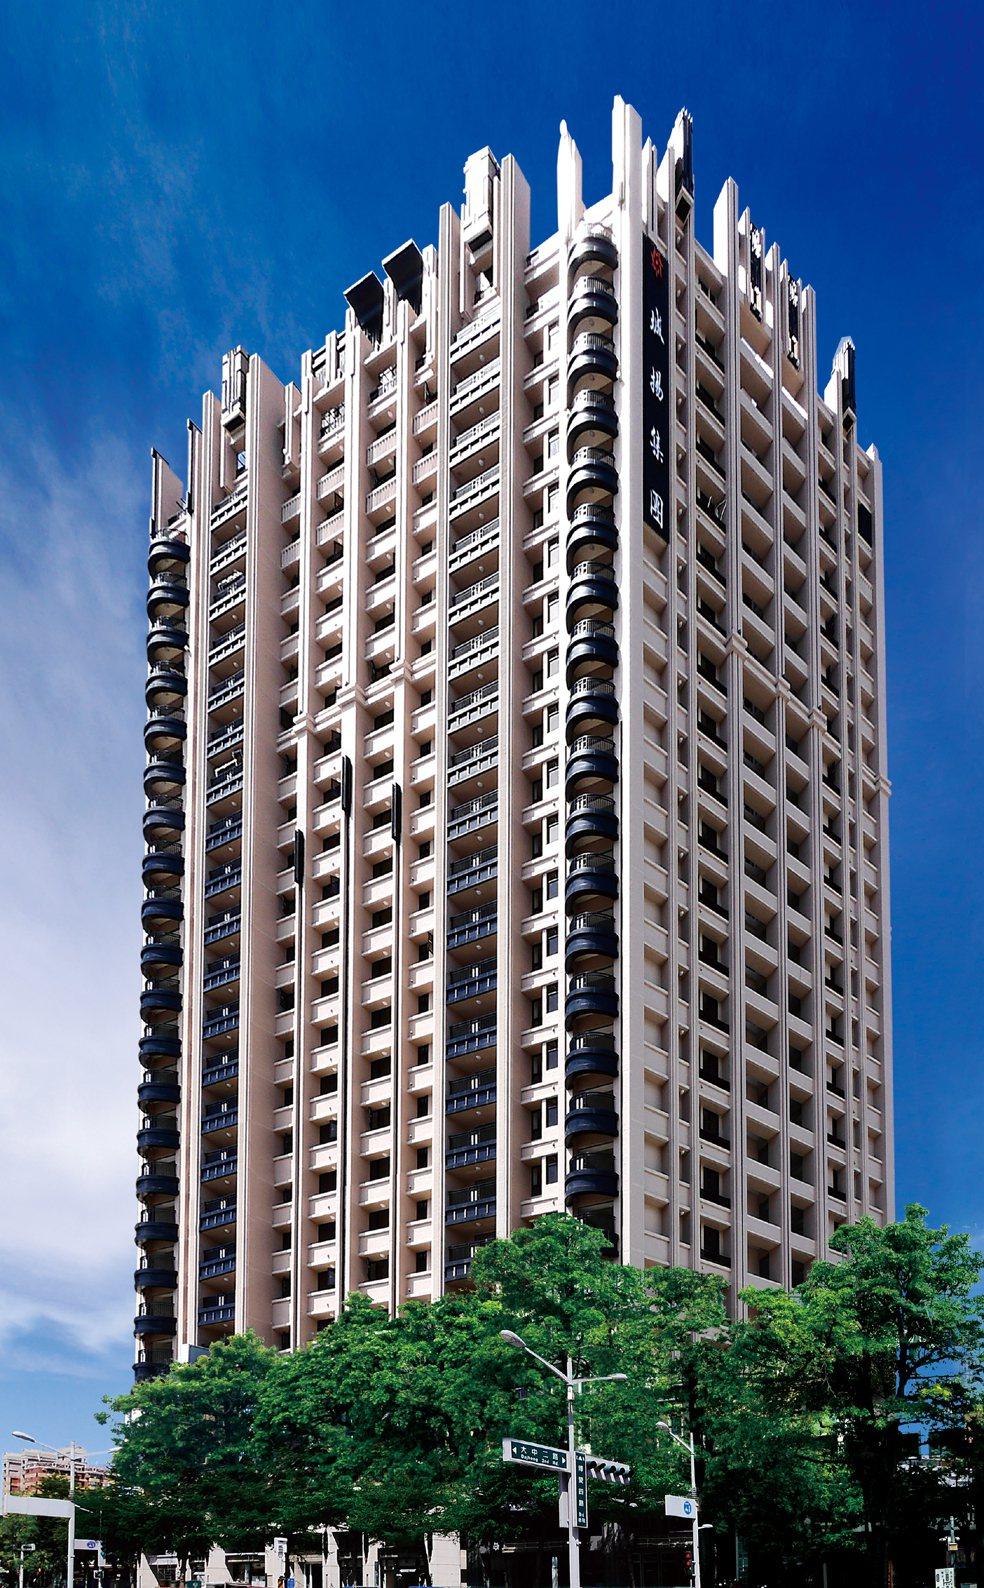 【博愛綻】Art Deco傲視地標外觀。 圖片提供/城揚建設